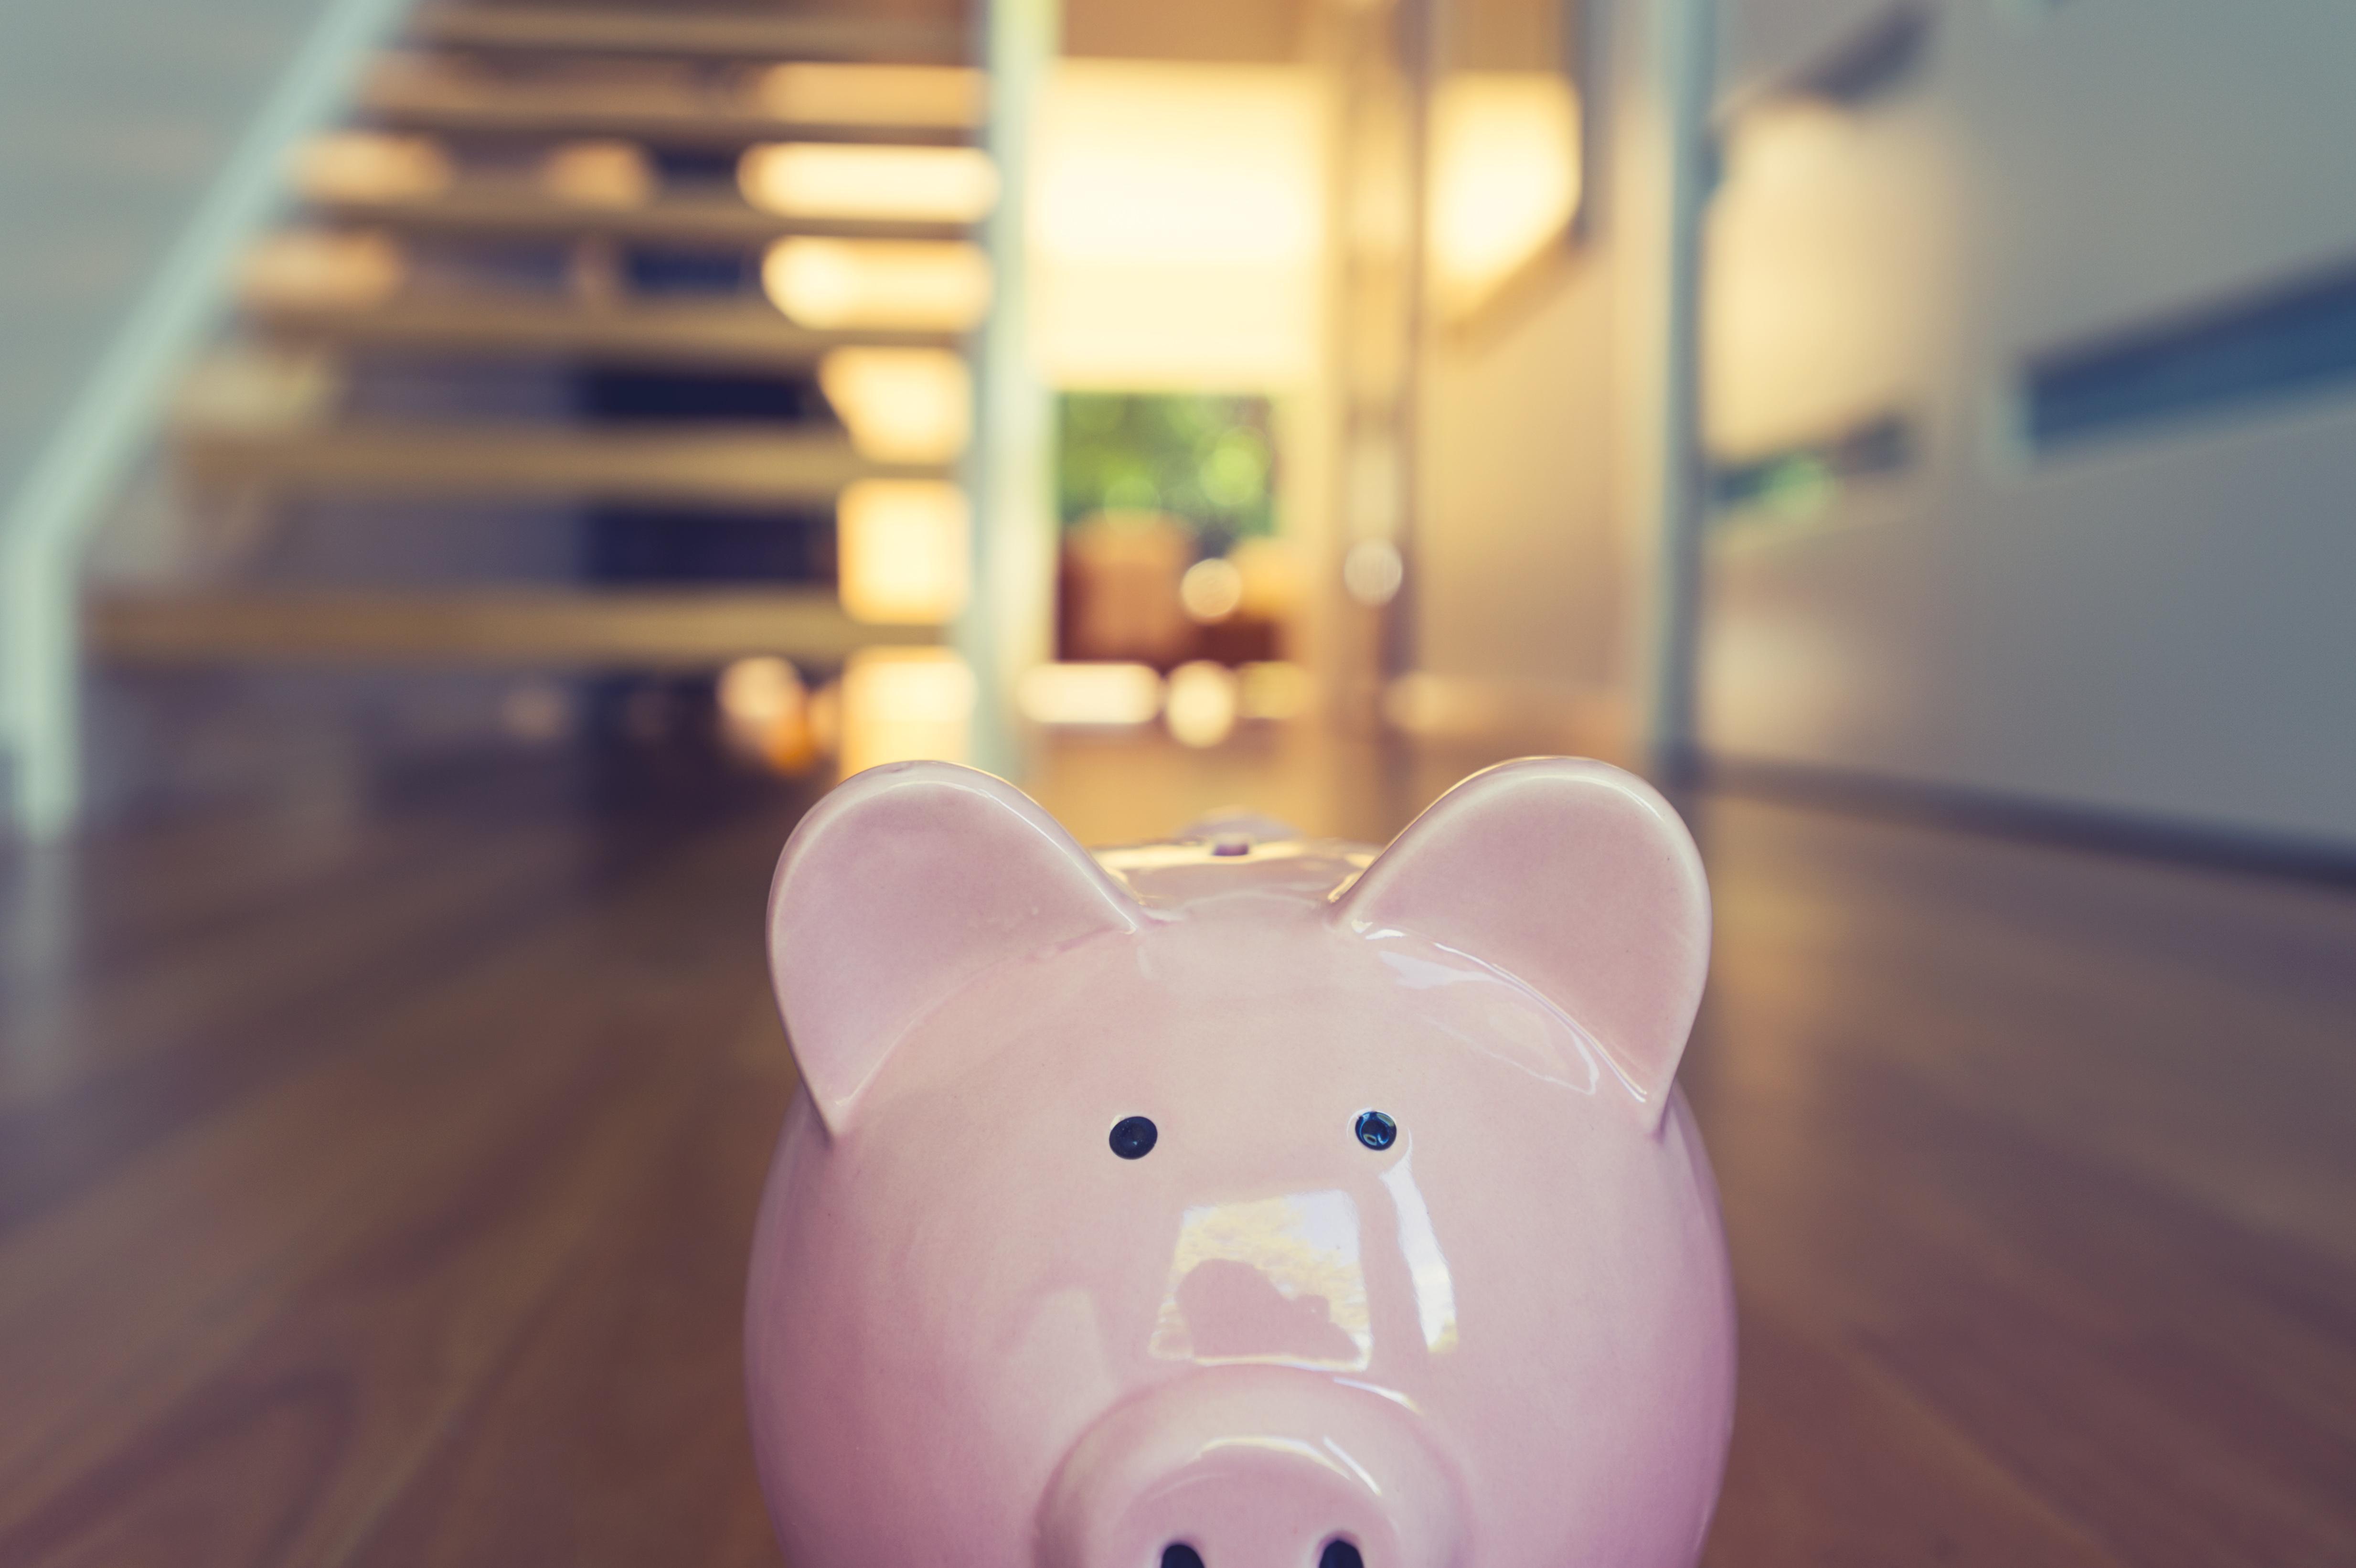 Dix conseils de gestion budgétaire tout simples pour aidez votre famille  Thumbnail